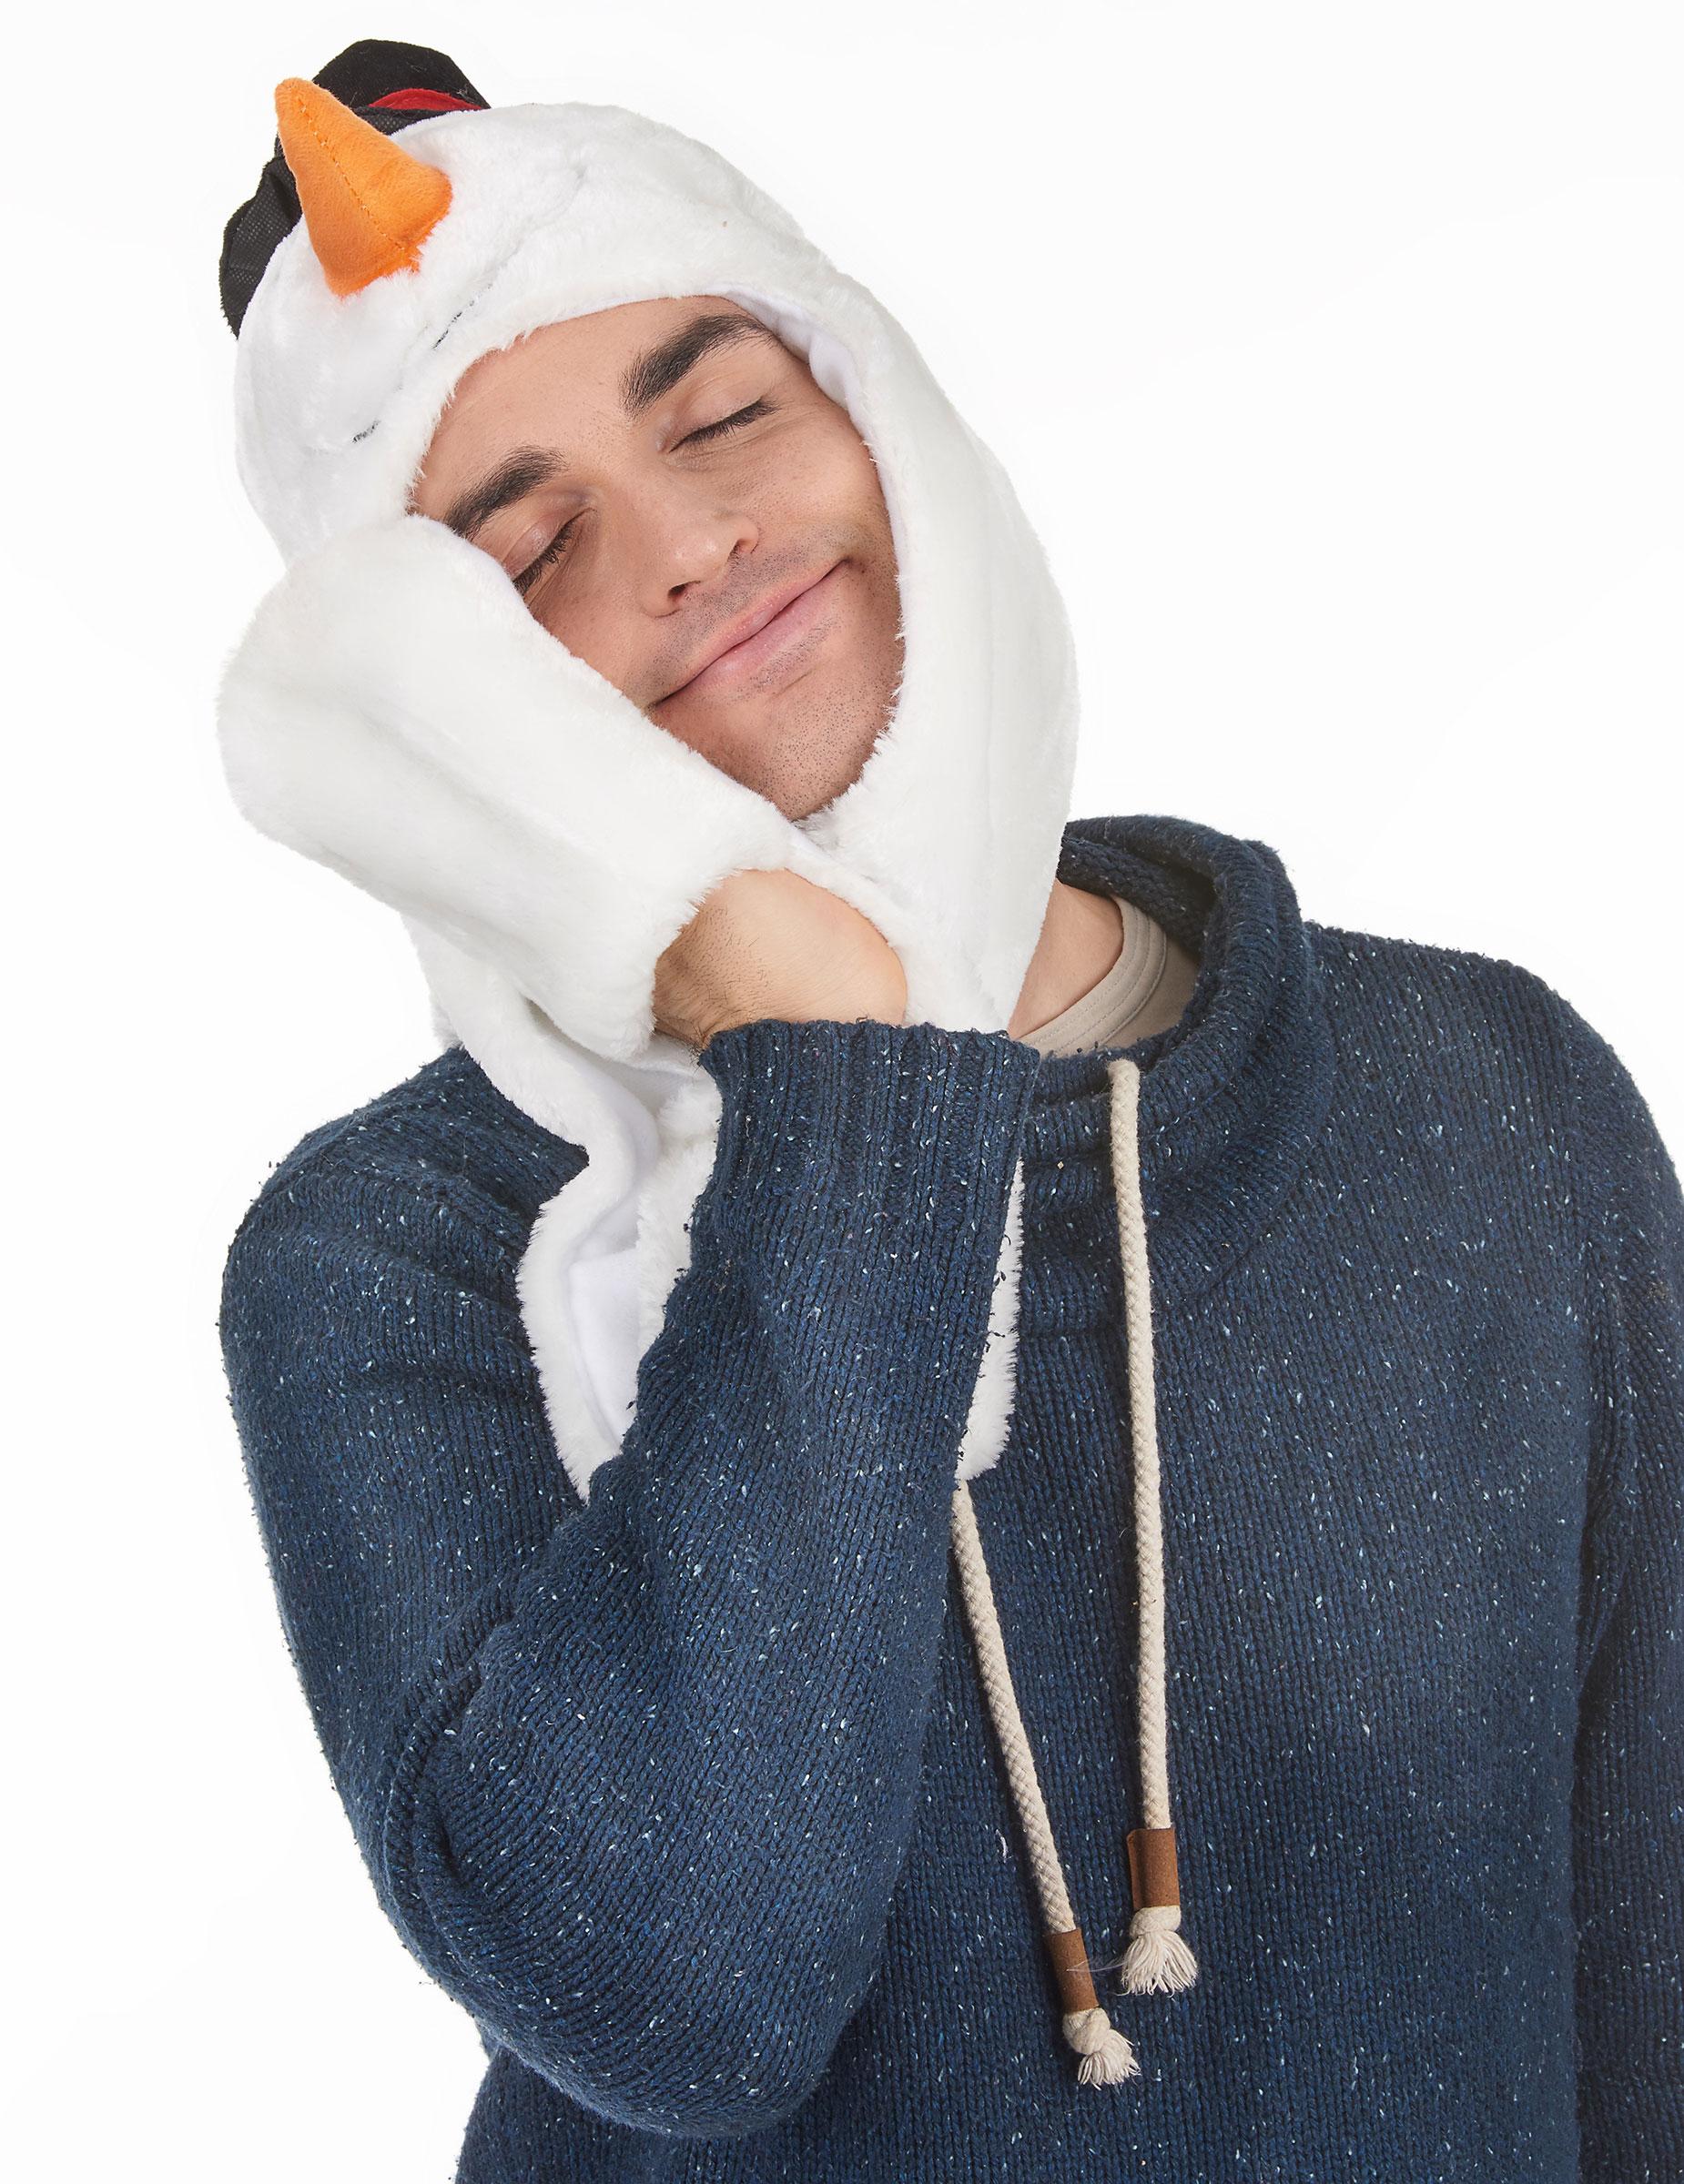 Bonnet avec charpe bonhomme de neige adulte no l deguise toi achat de chapeaux - Bonhomme de neige en laine ...